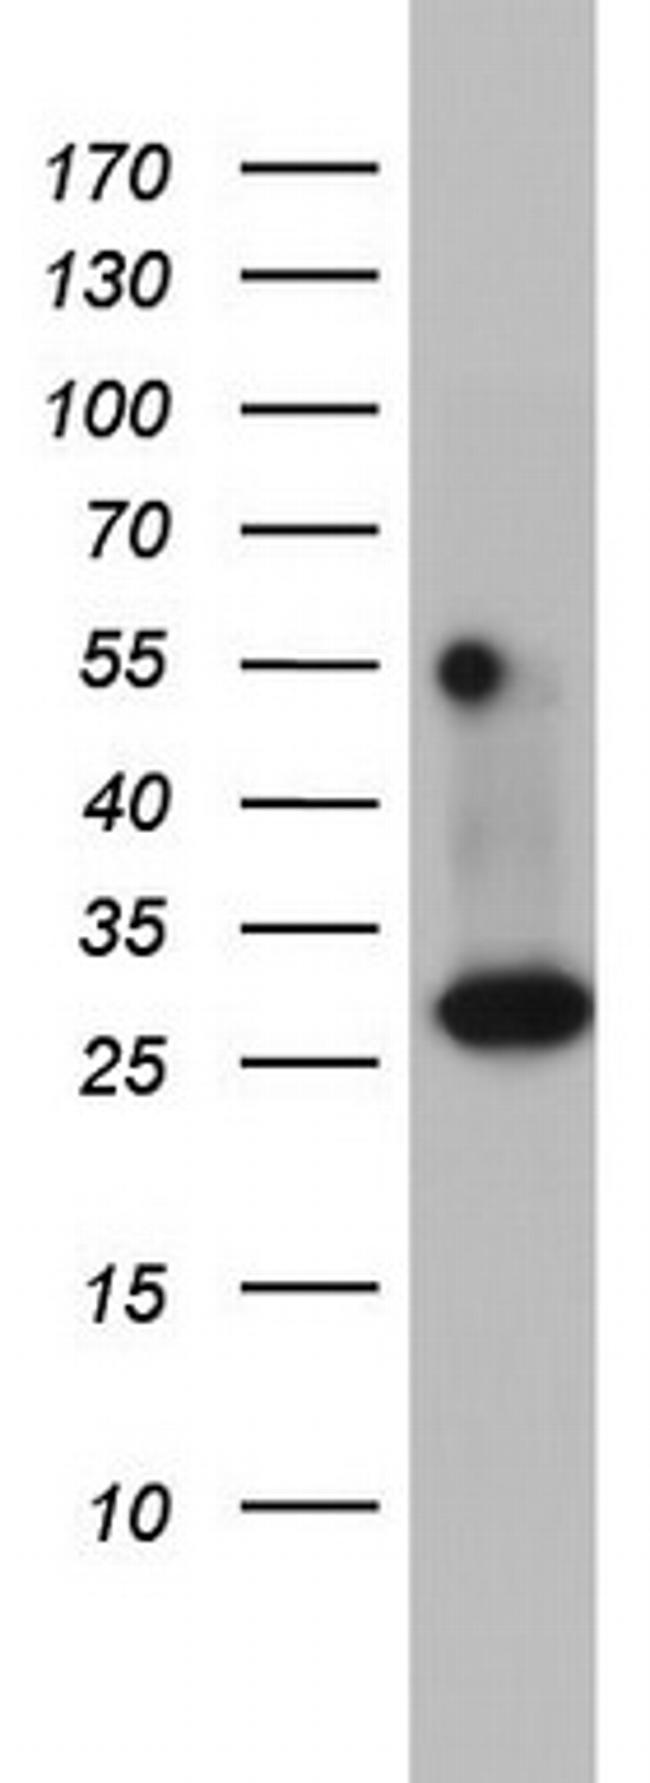 DDIT3 Antibody in Western Blot (WB)